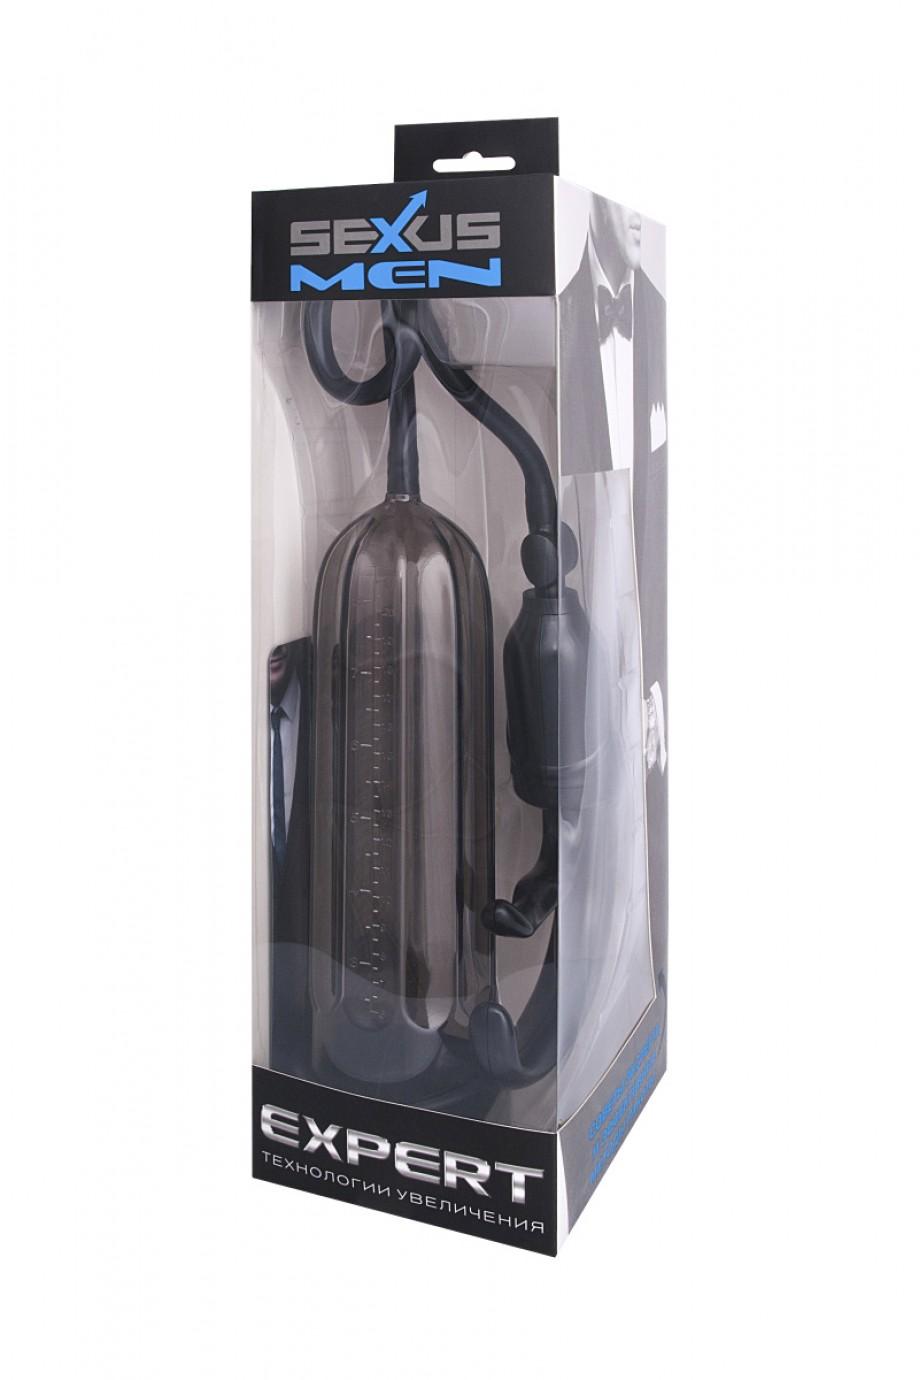 Вакуумная помпа Sexus Men Expert, вакуумная, механическая, ABS пластик, чёрная, 25 см